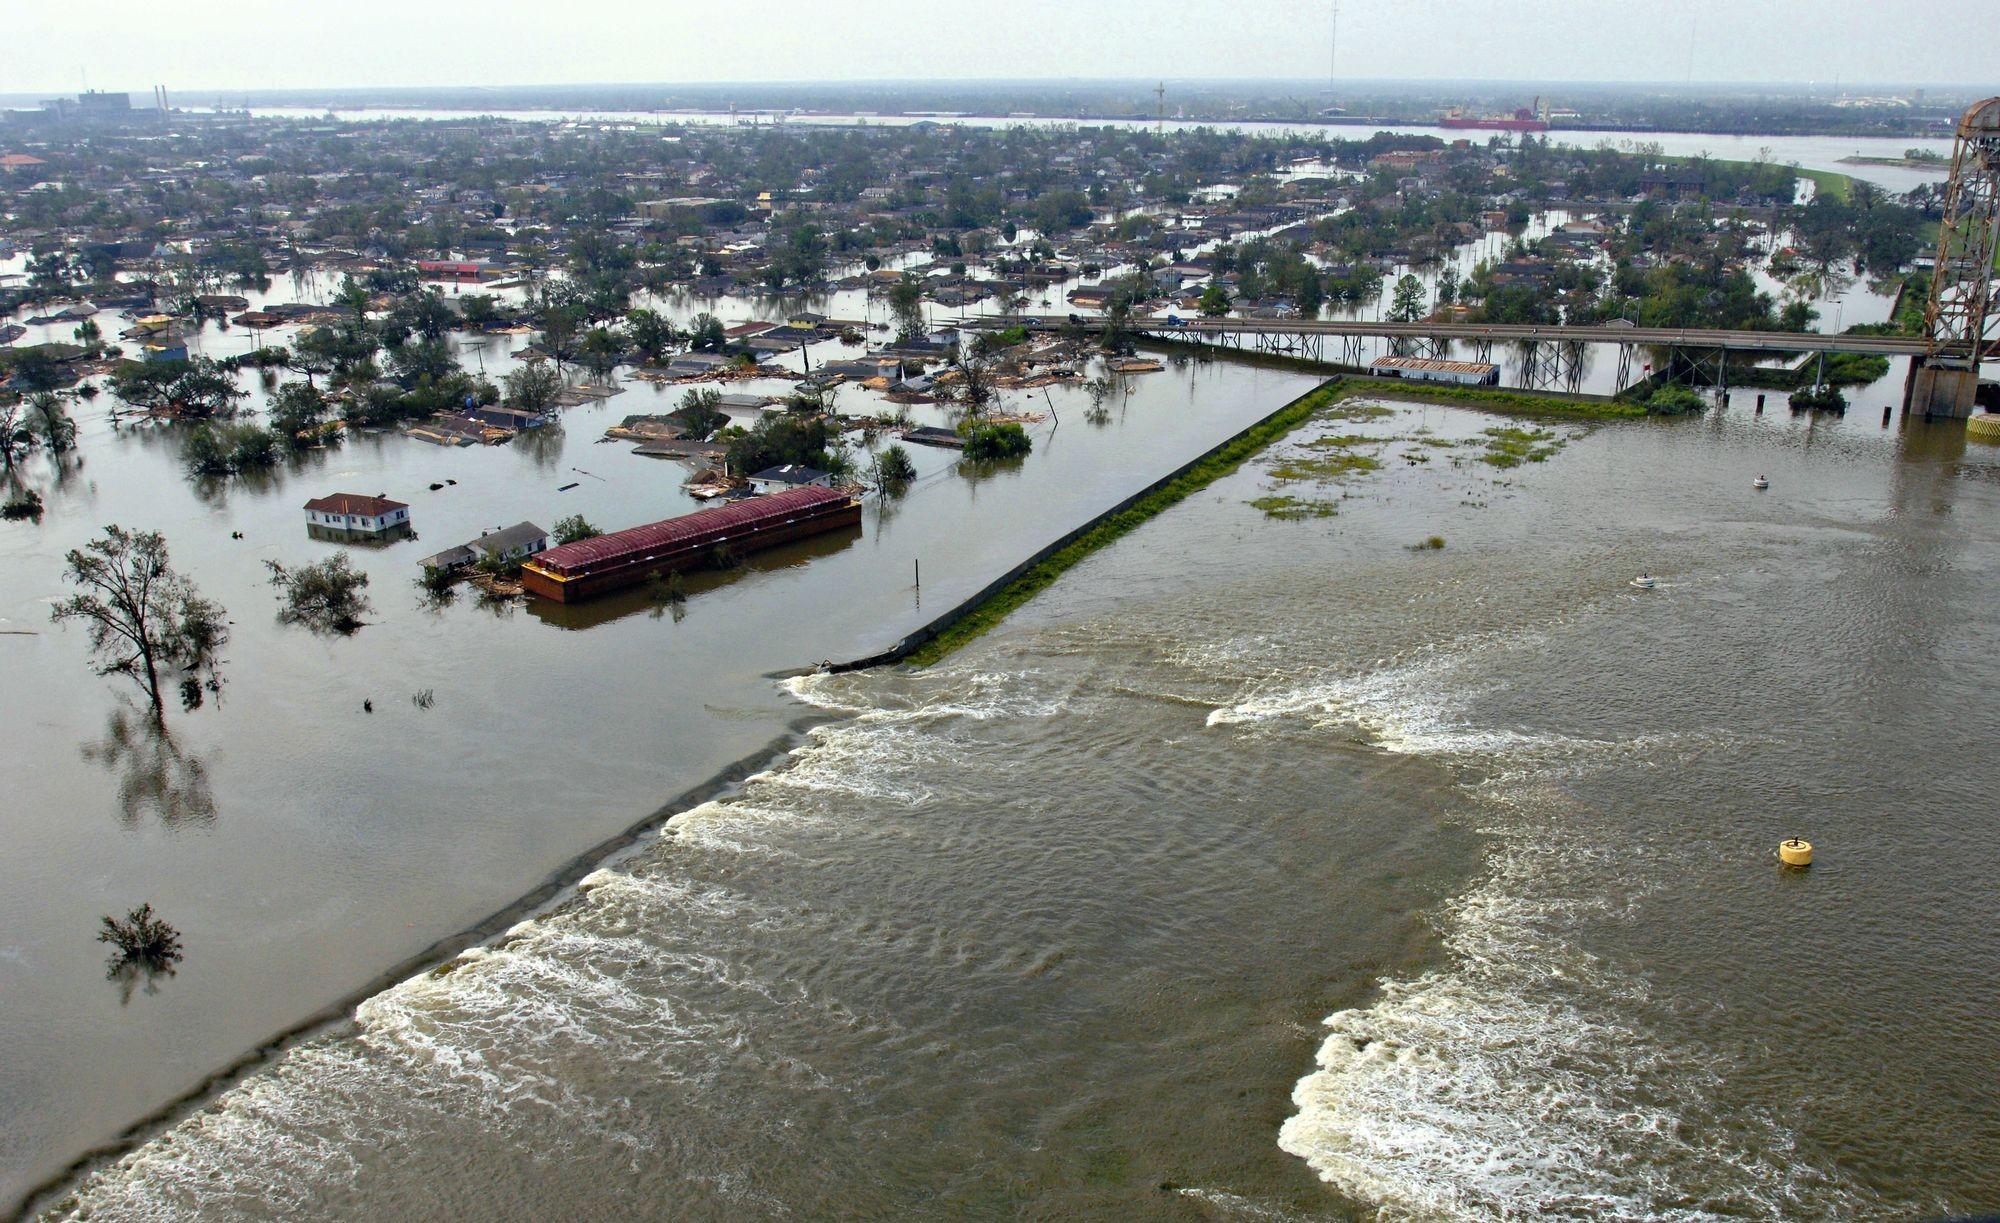 Une brèche dans une digue à la Nouvelle-Orléans après le passage de Katrina en 2005